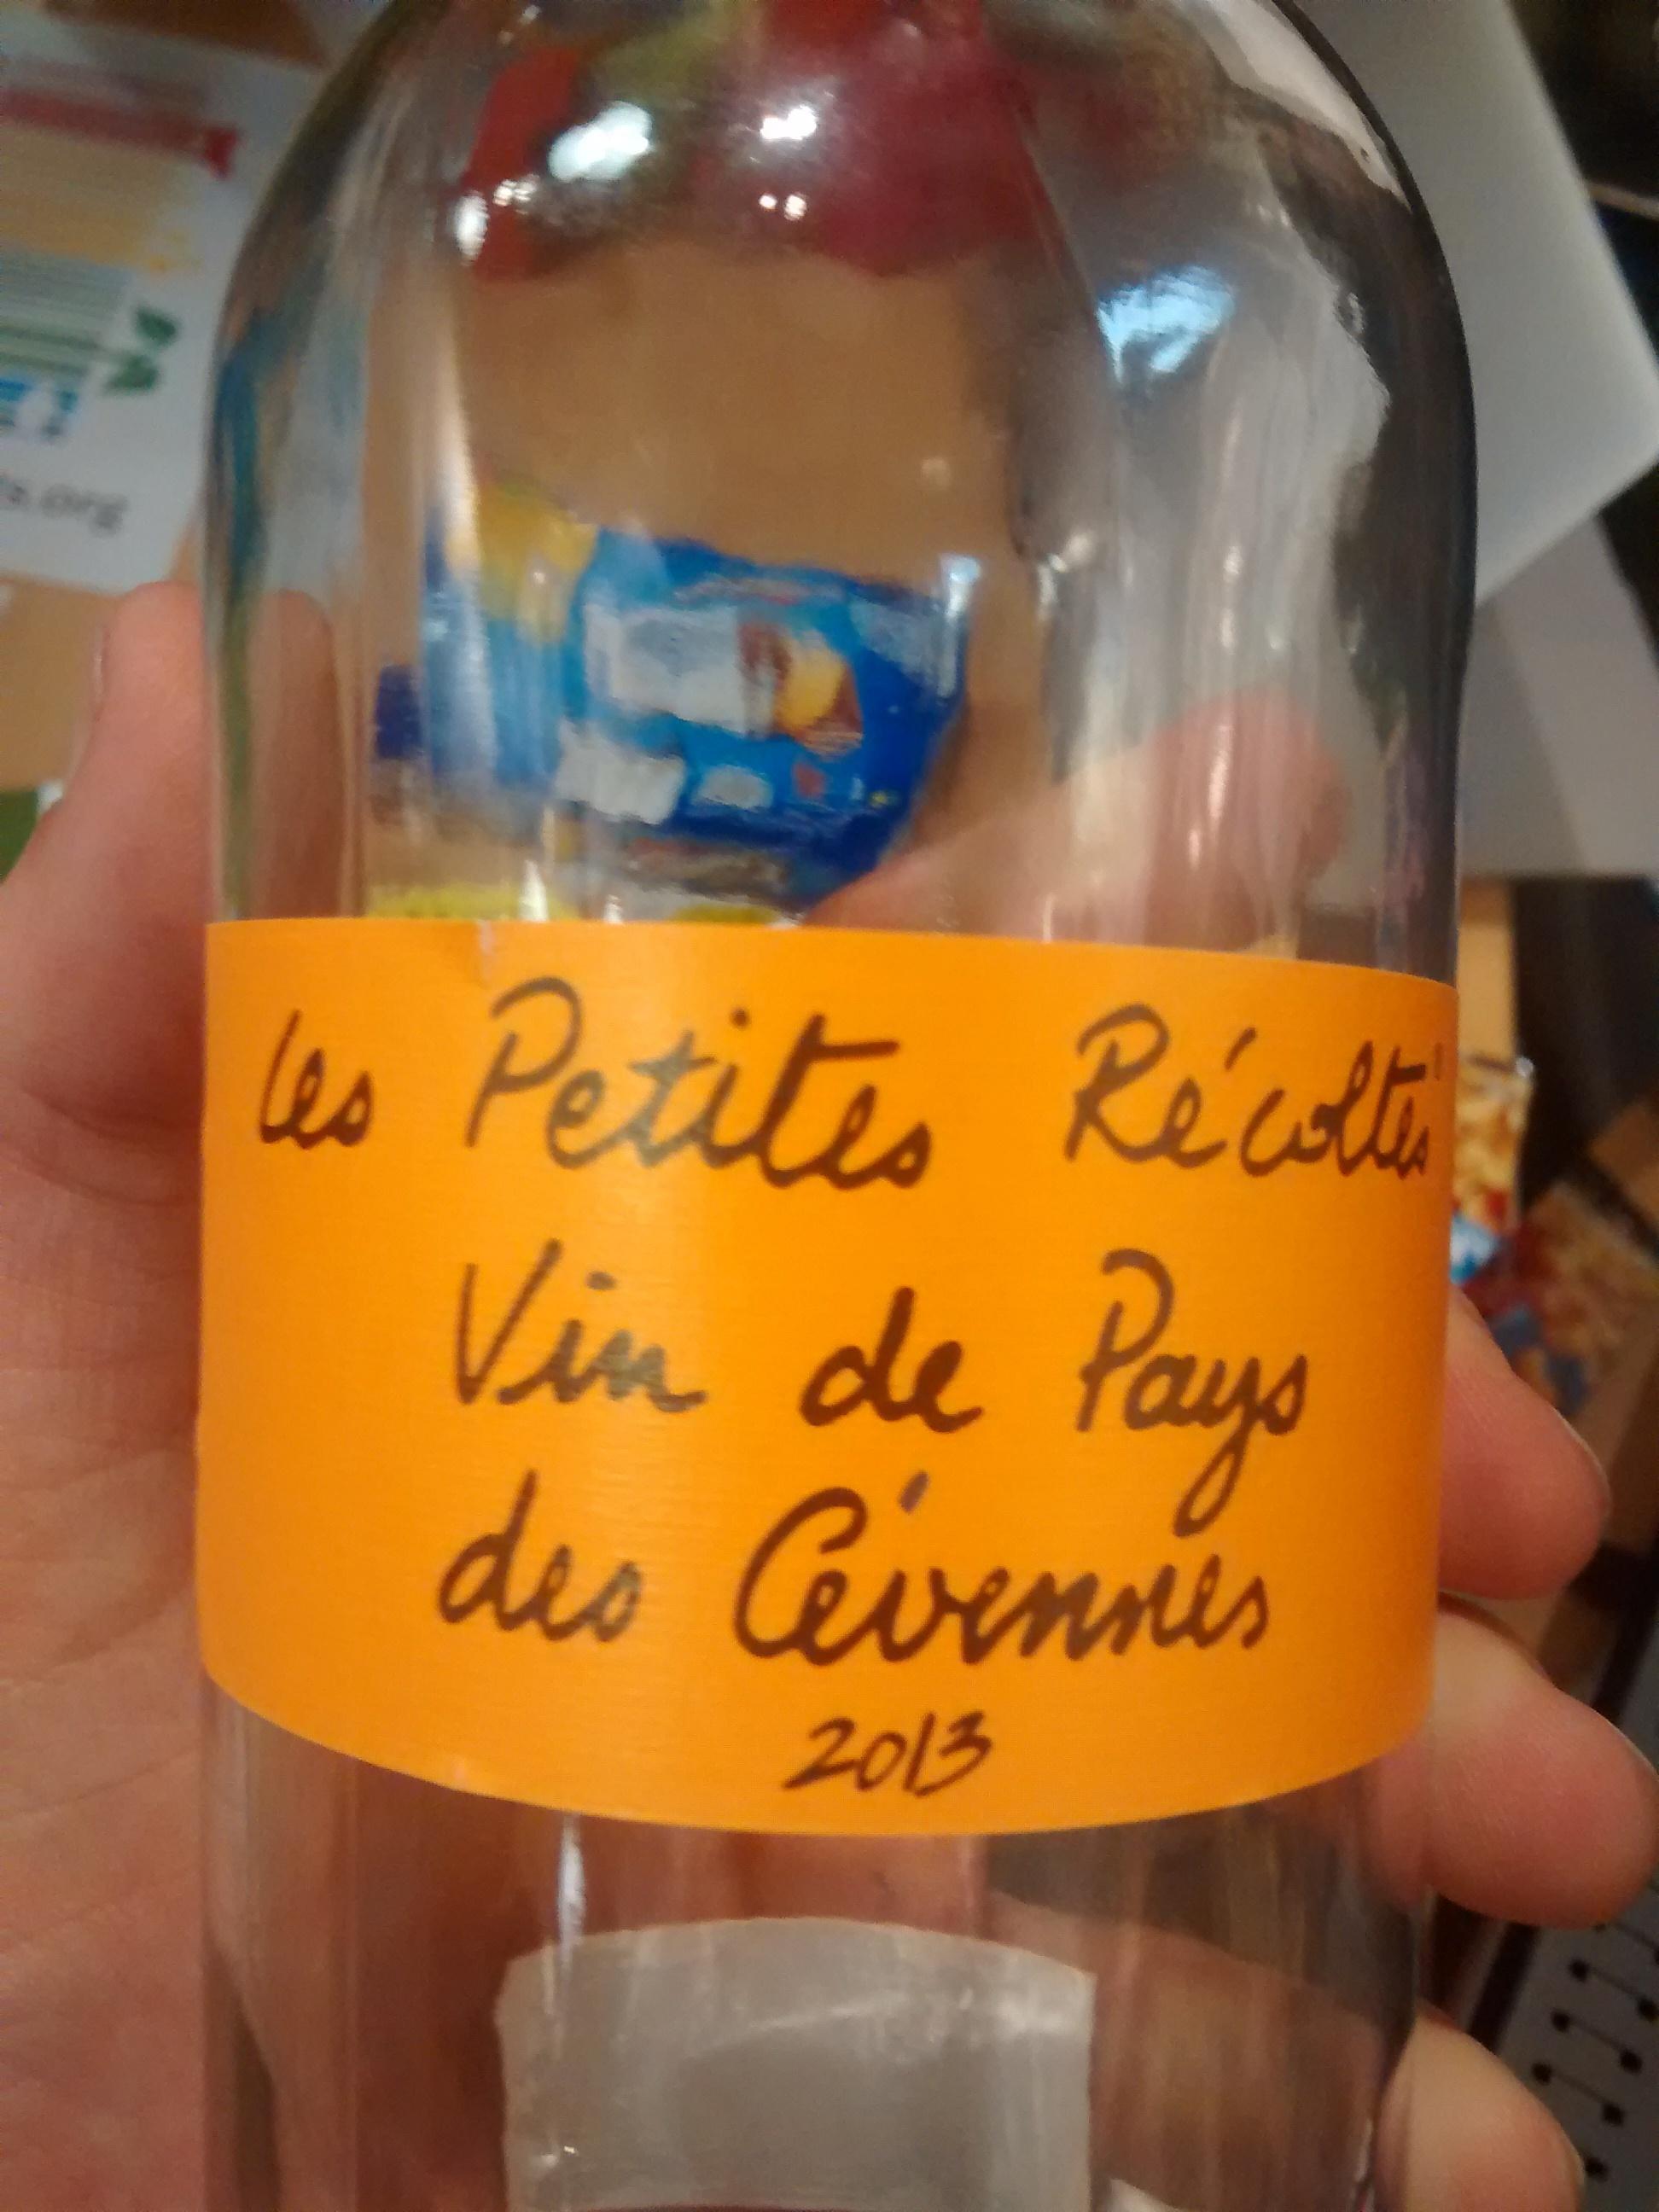 Vin de Pays des Cévennes 2013 - Product